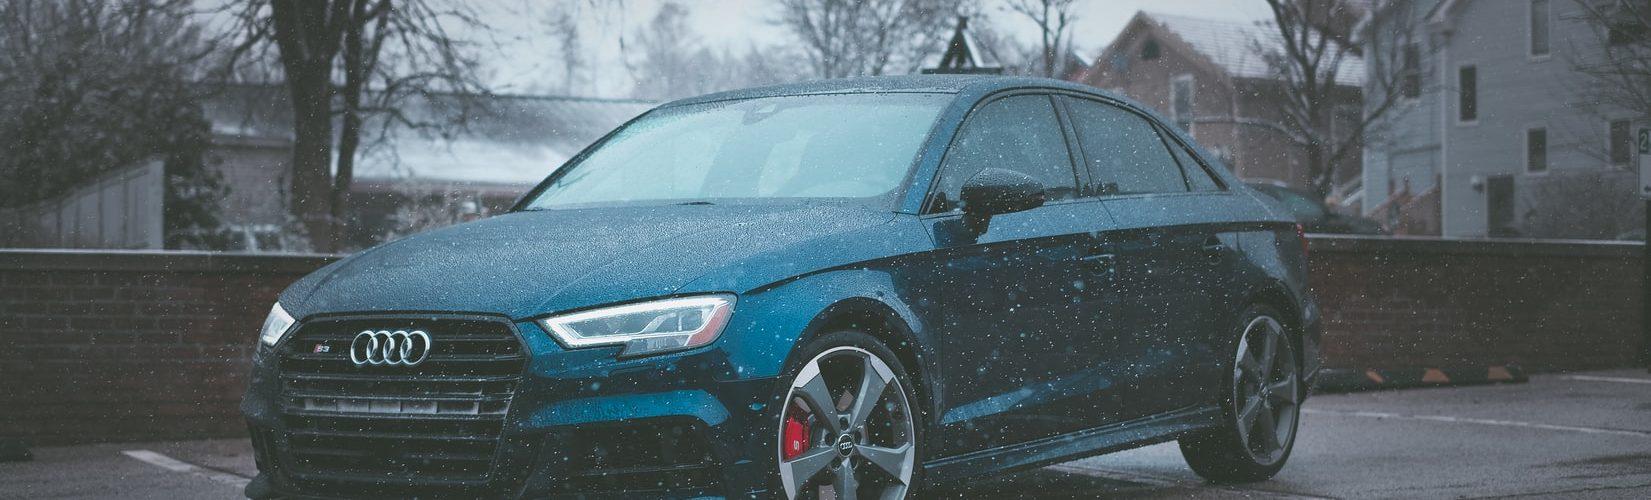 Audi S1 auto